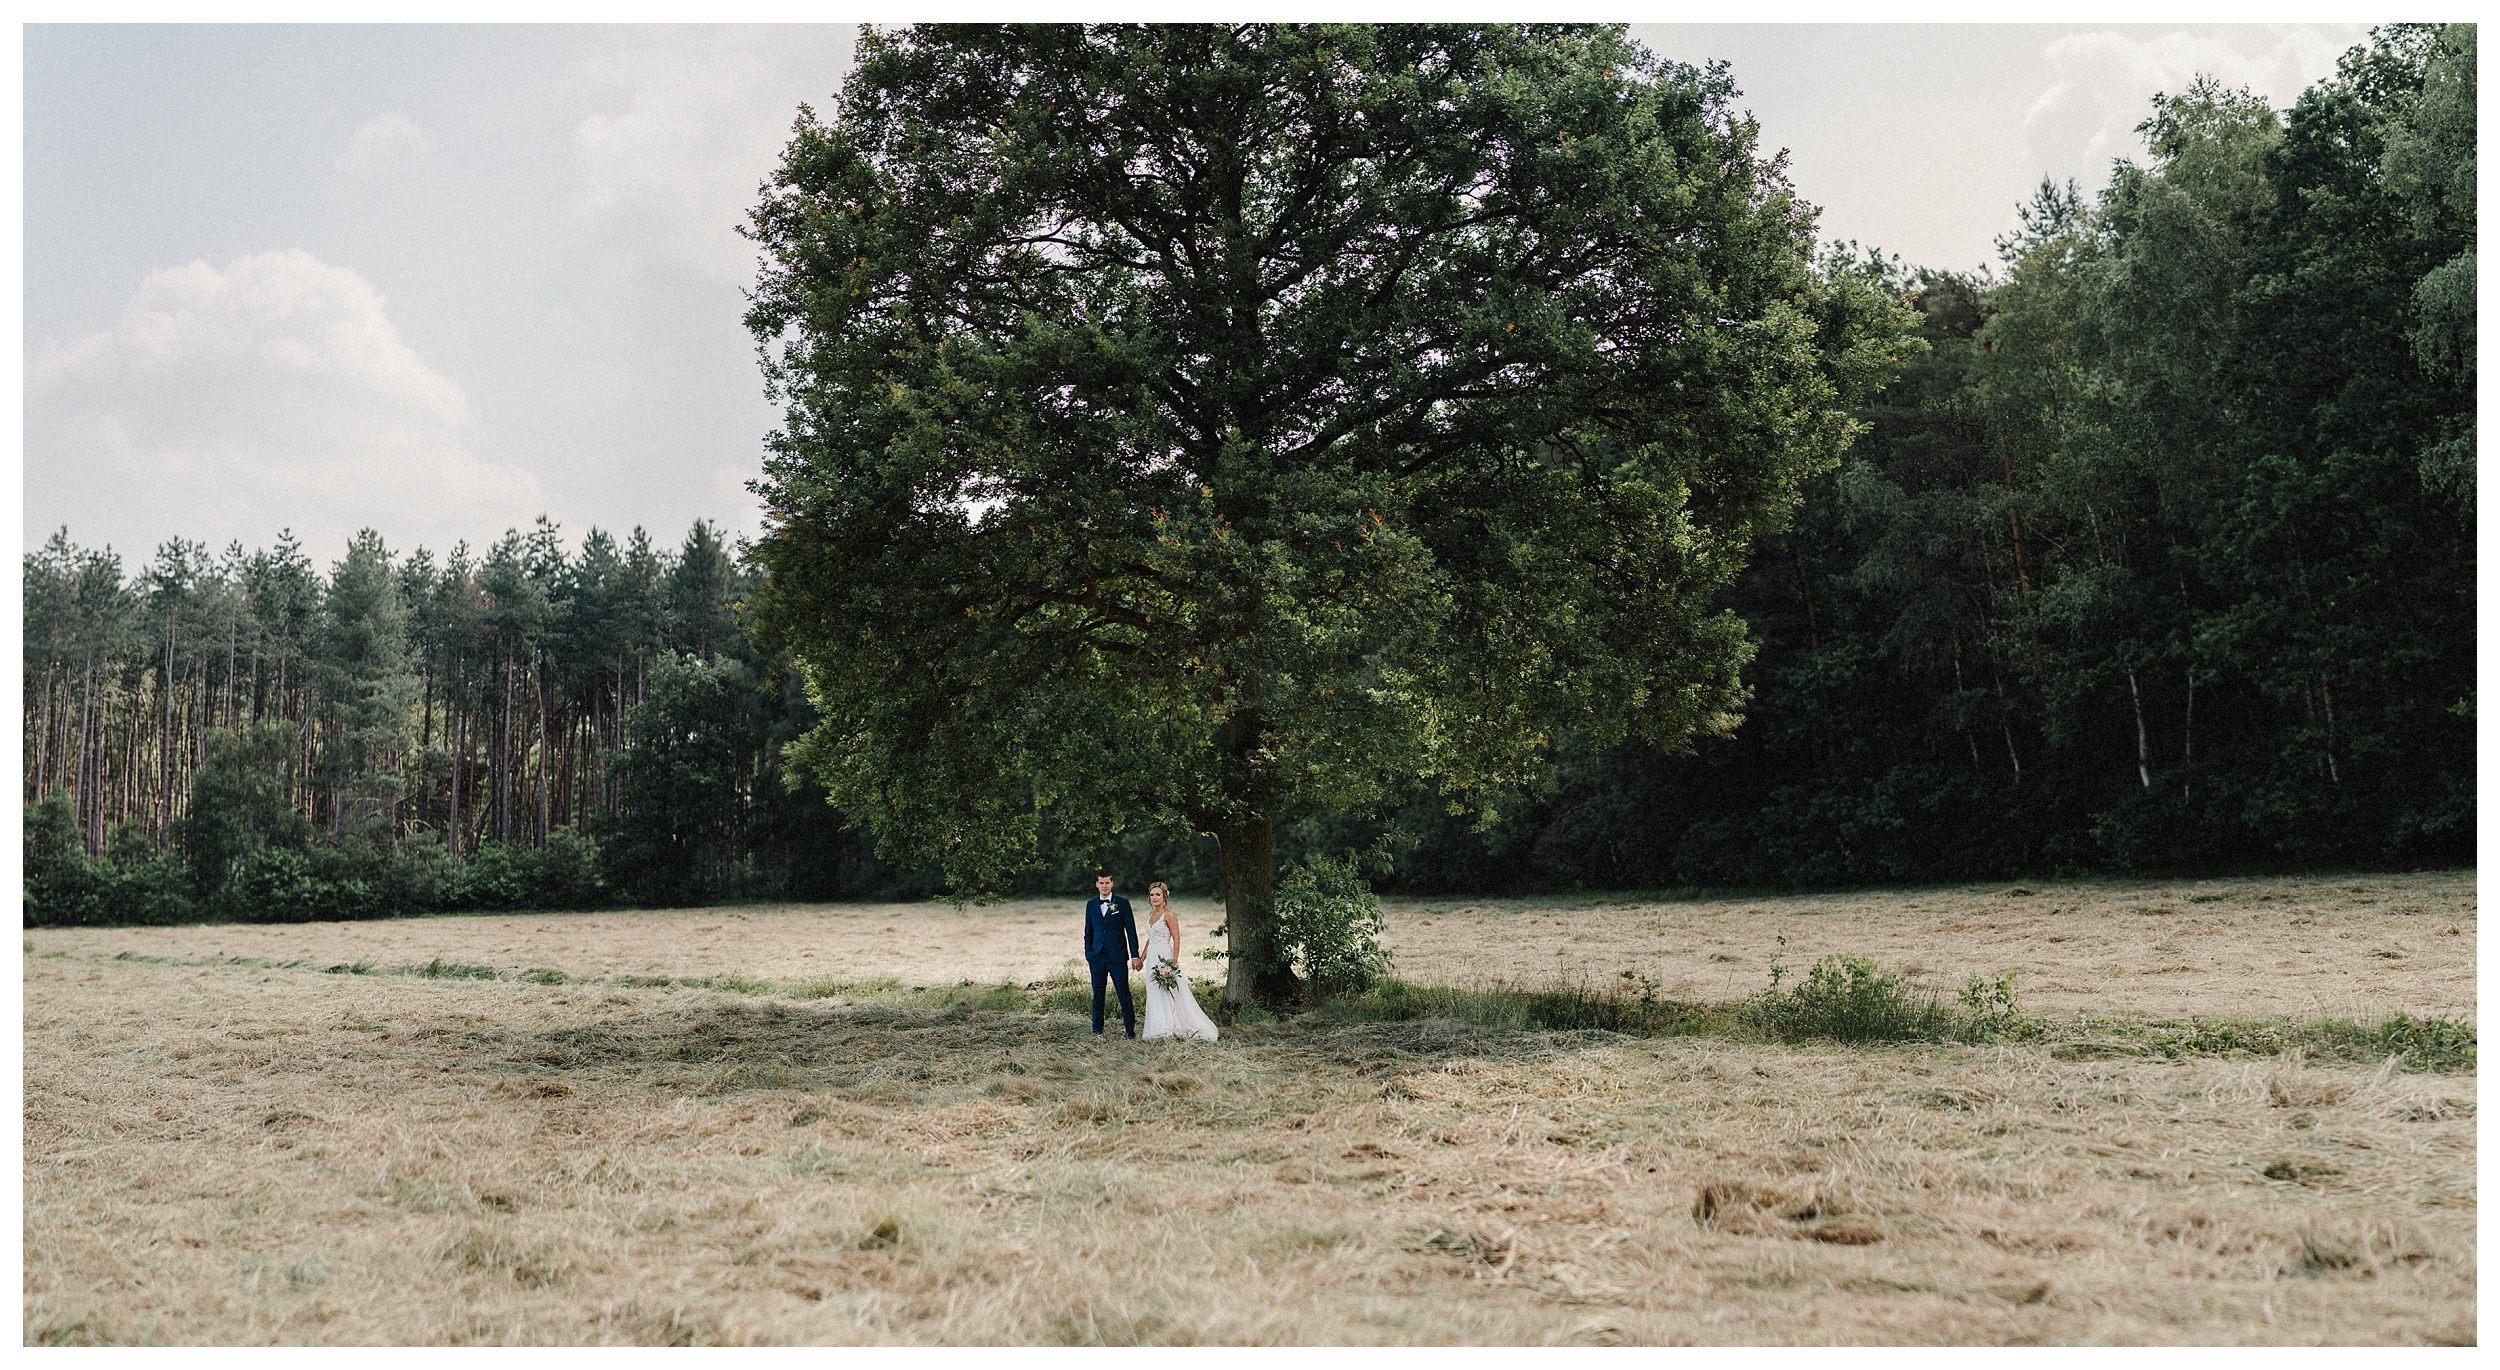 huwelijksfotograaf bruidsfotograaf destinationwedding huwelijksfotografie in mol oostham (22).jpg